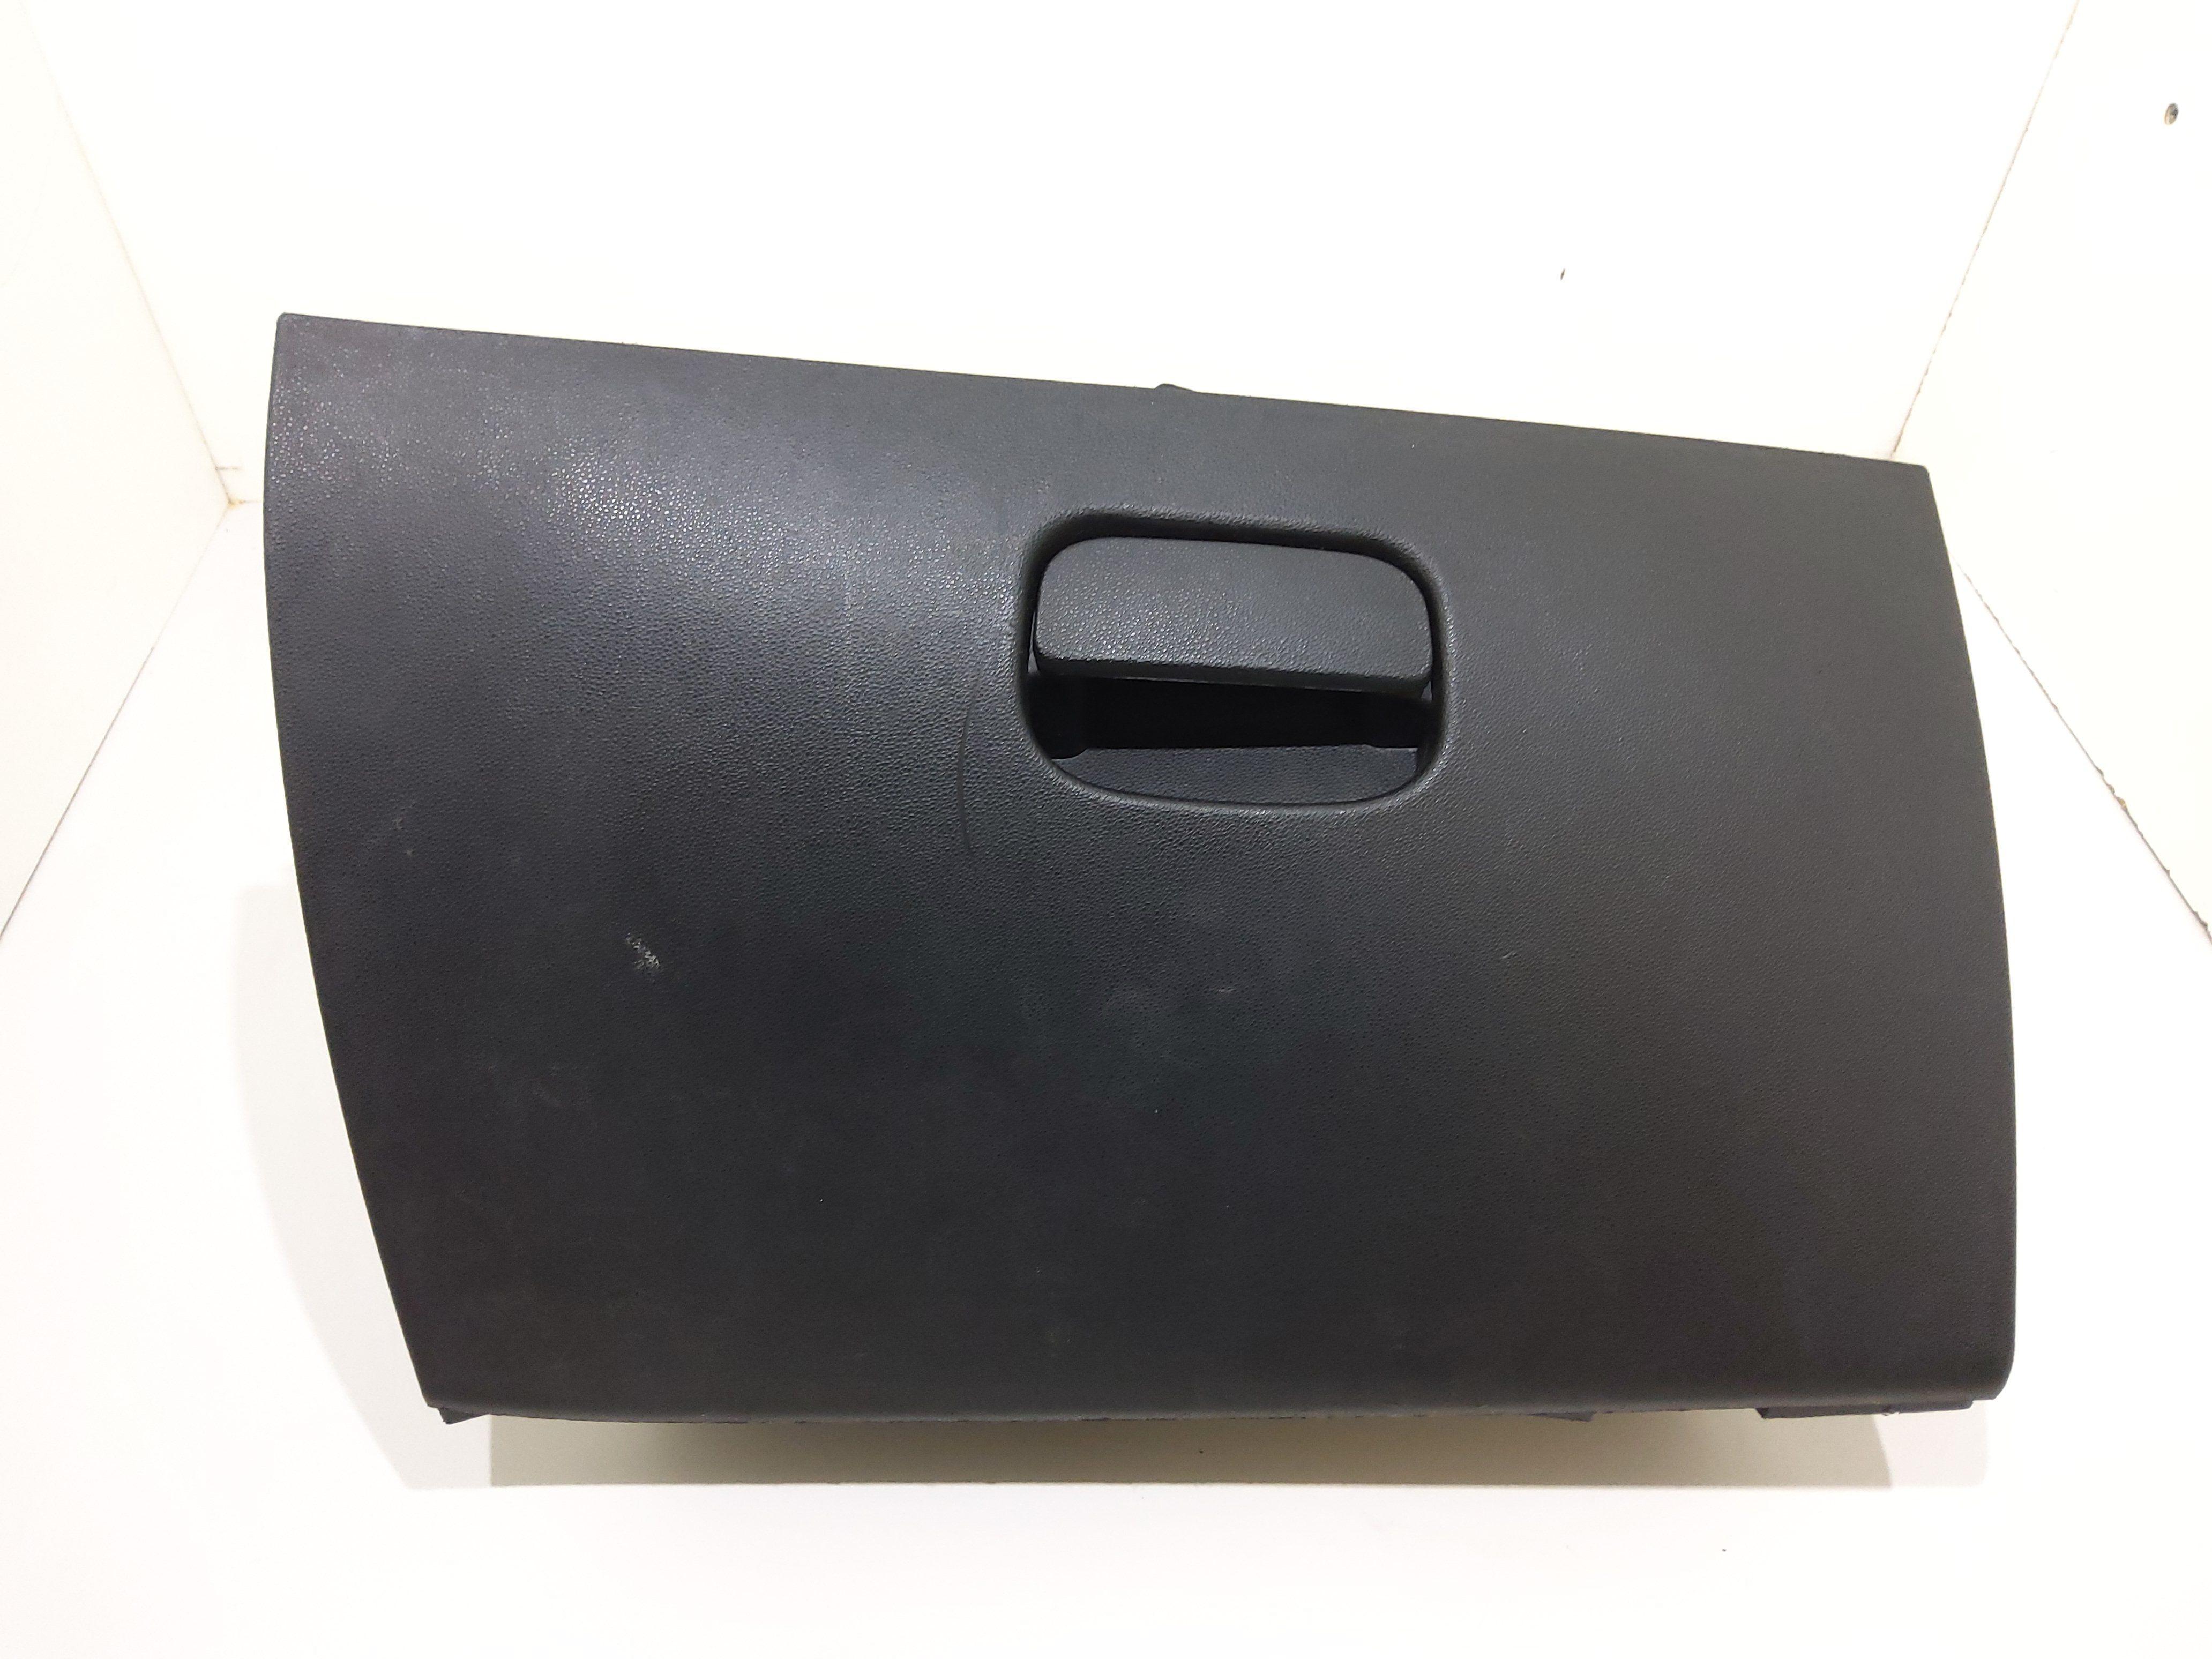 +735485660 CASSETTO PORTA OGGETTI FIAT Punto EVO 1300 Diesel 199A9000 55 Kw  (2012) RICAMBI USATI